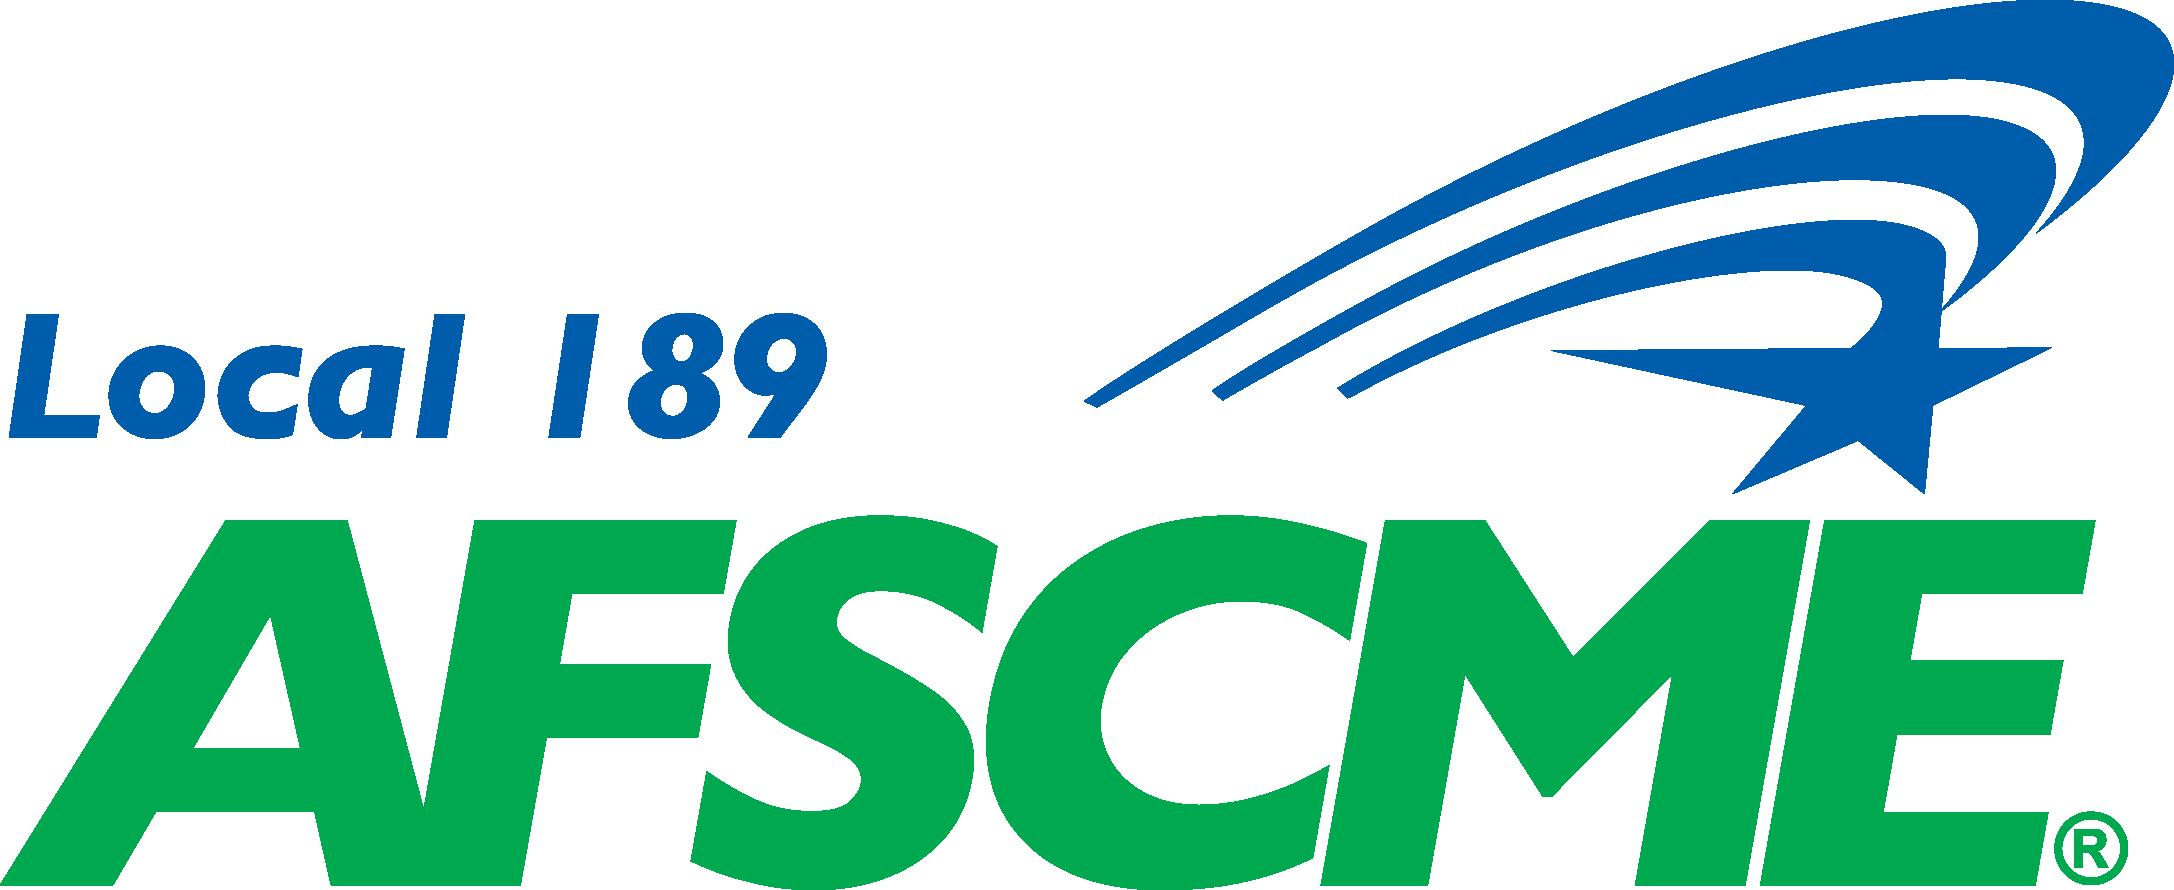 Afscme_logo-2color_189